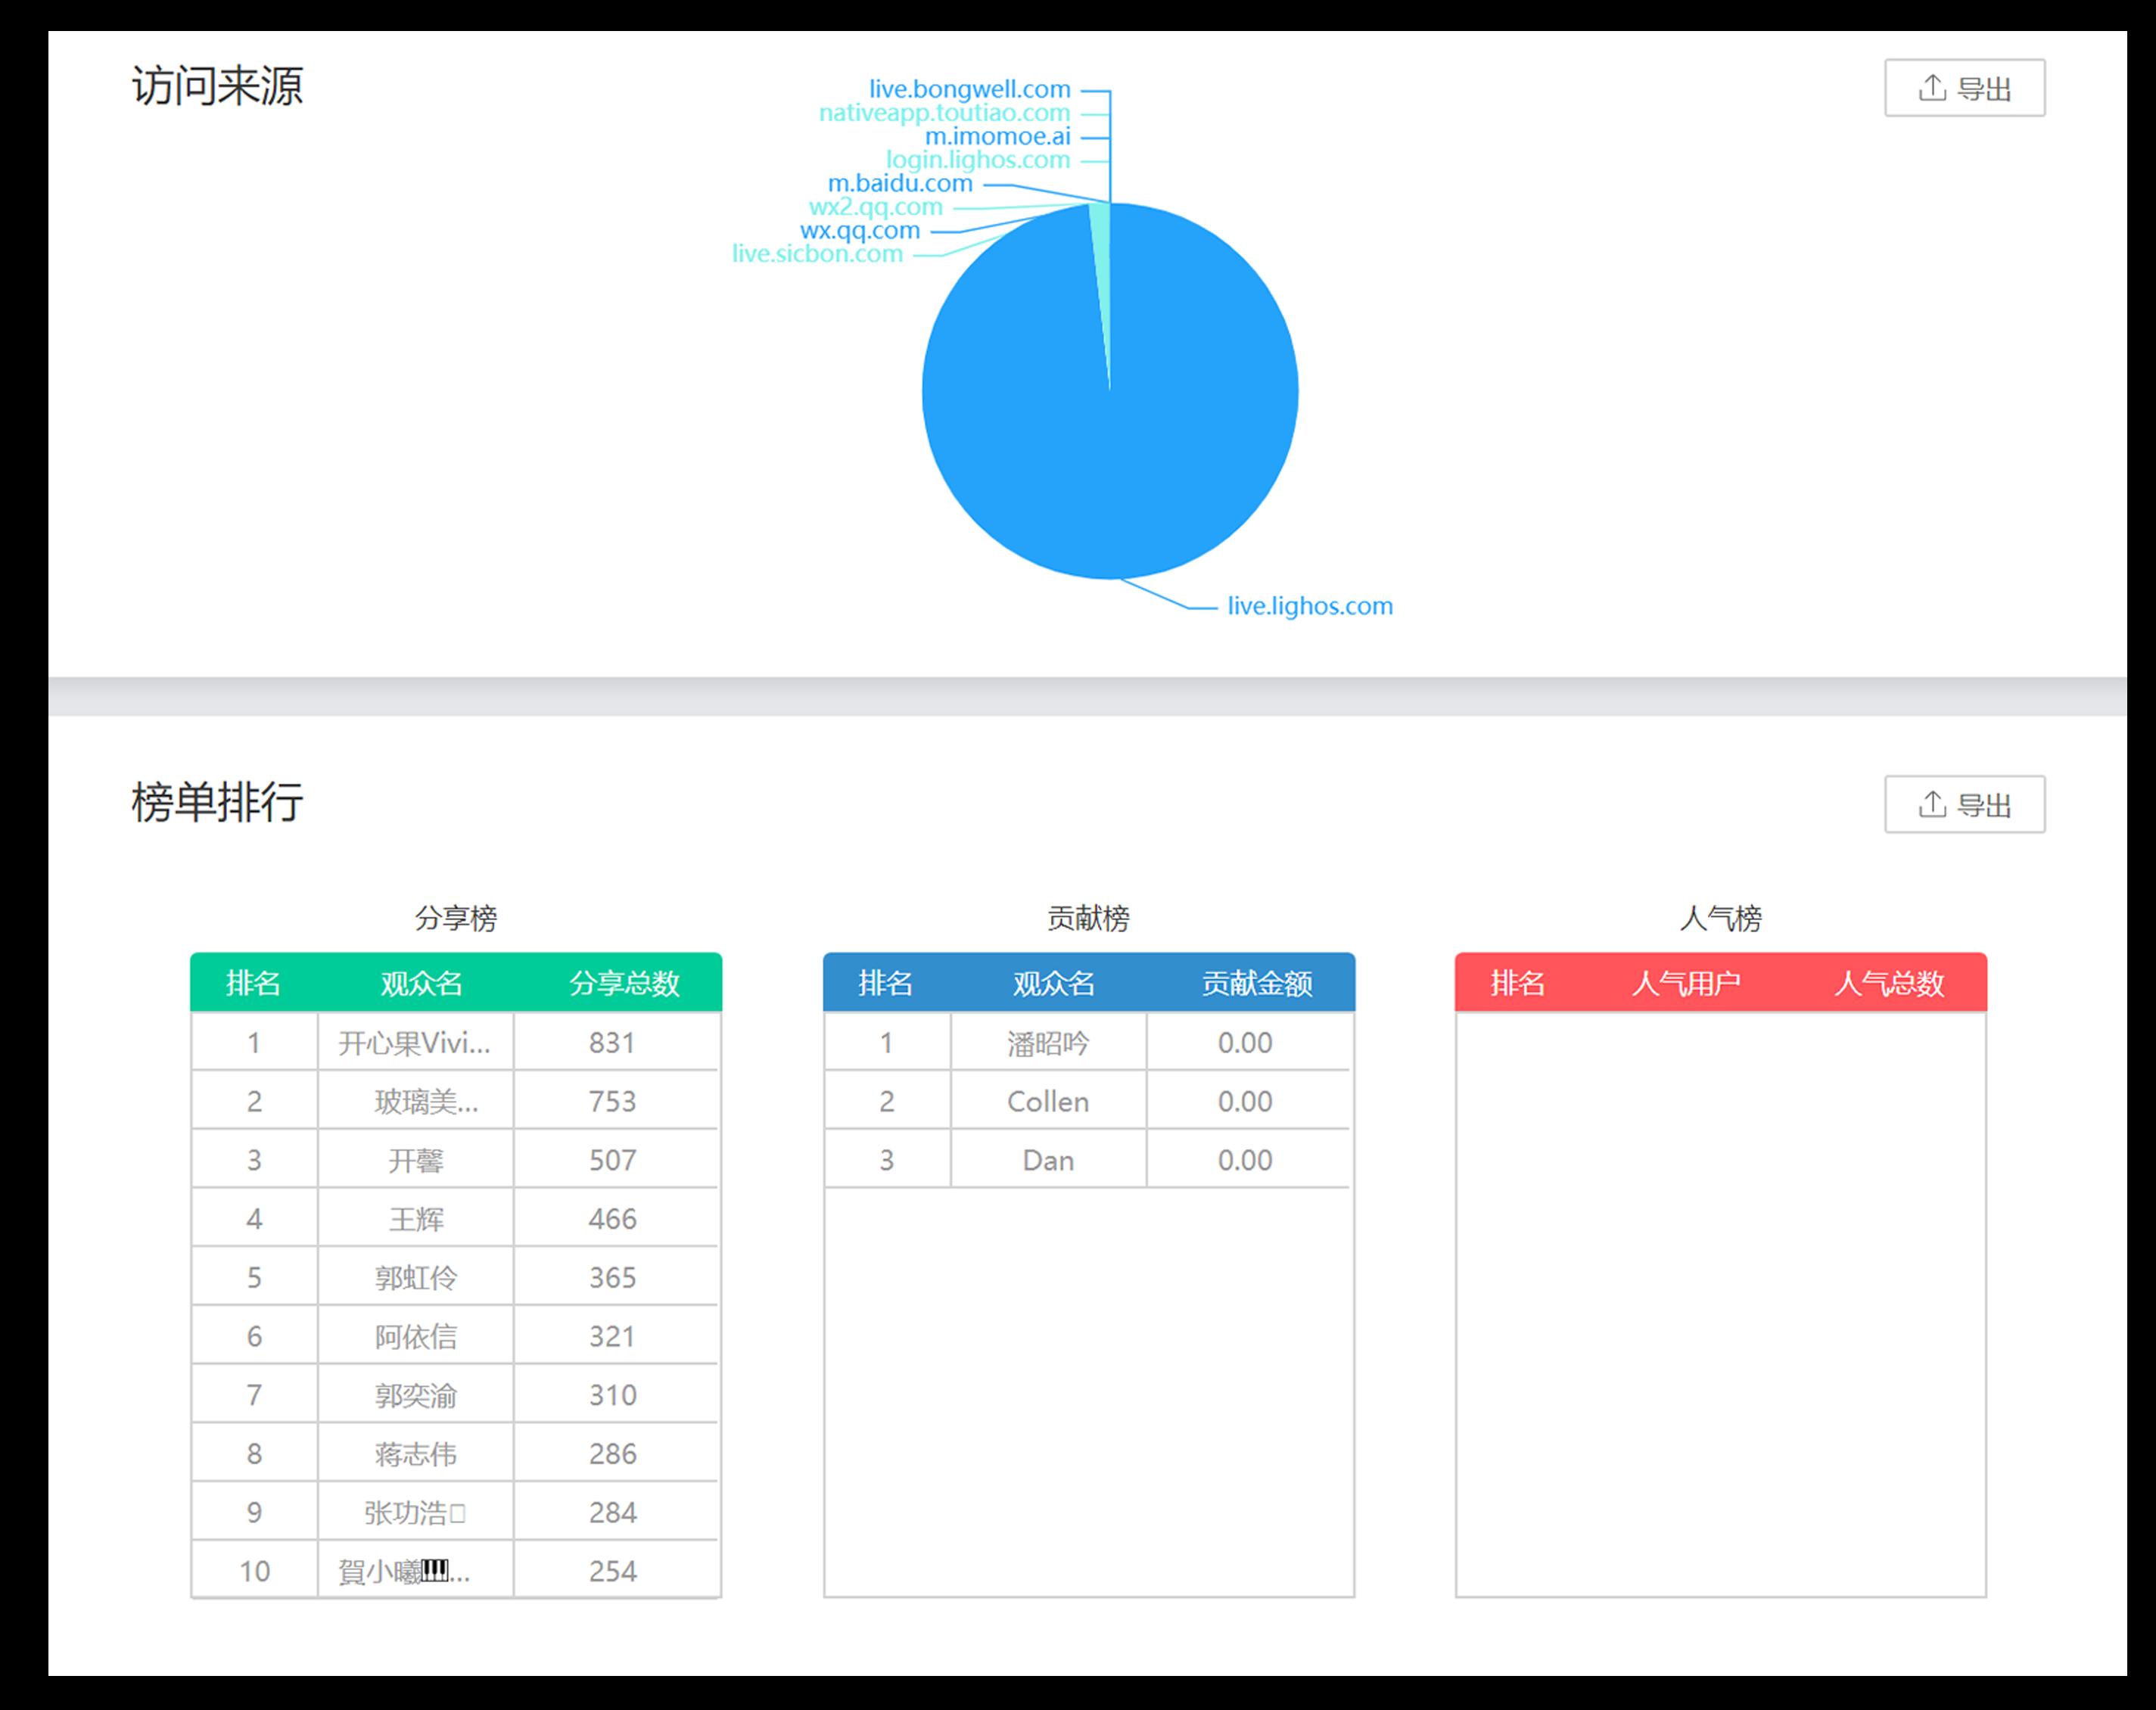 企业直播数据分析